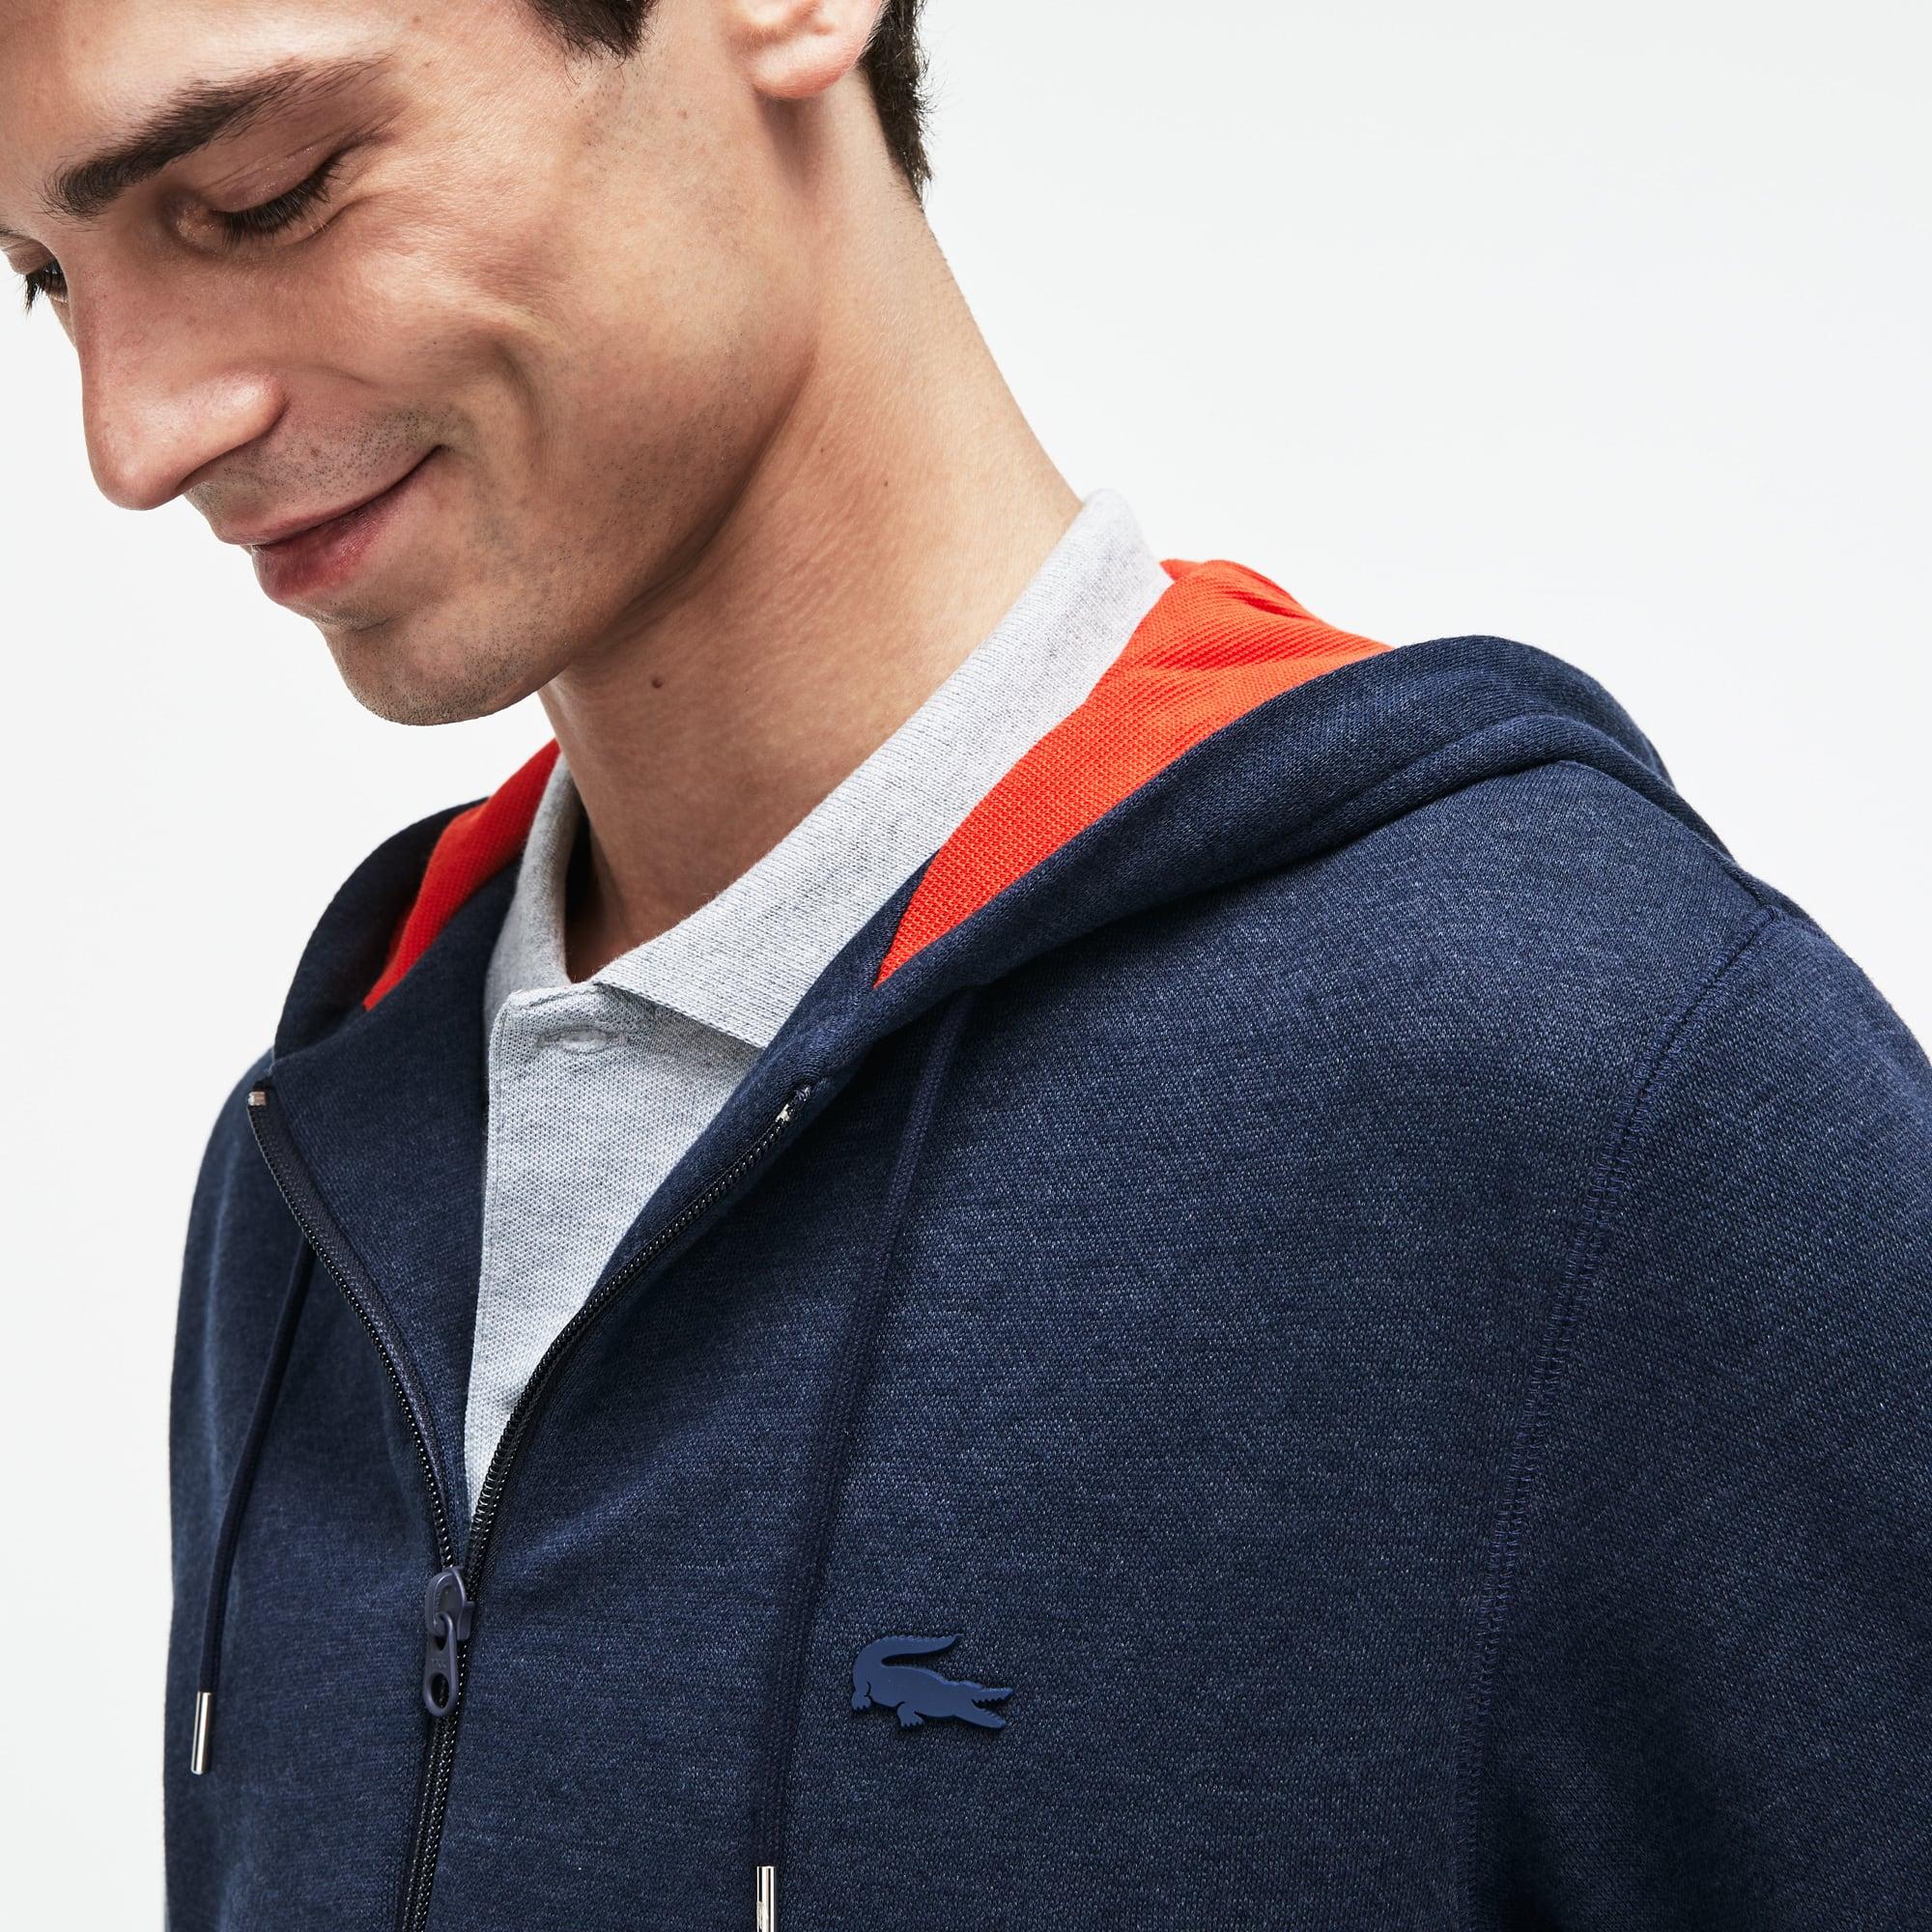 Lacoste Motion系列男士拉绒布连帽拉链运动衫